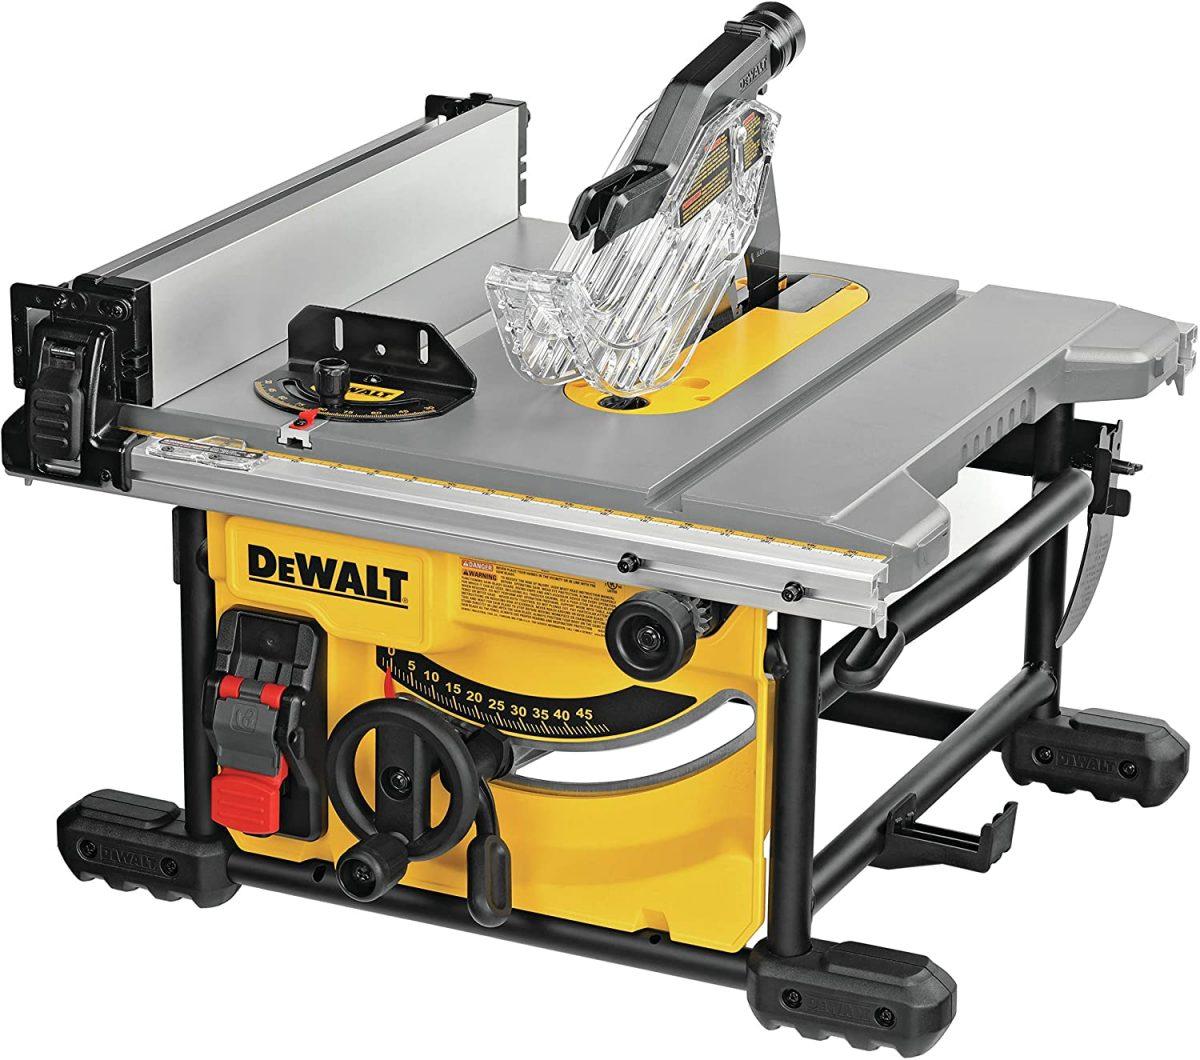 DeWalt 8-1/4-inch compact table saw